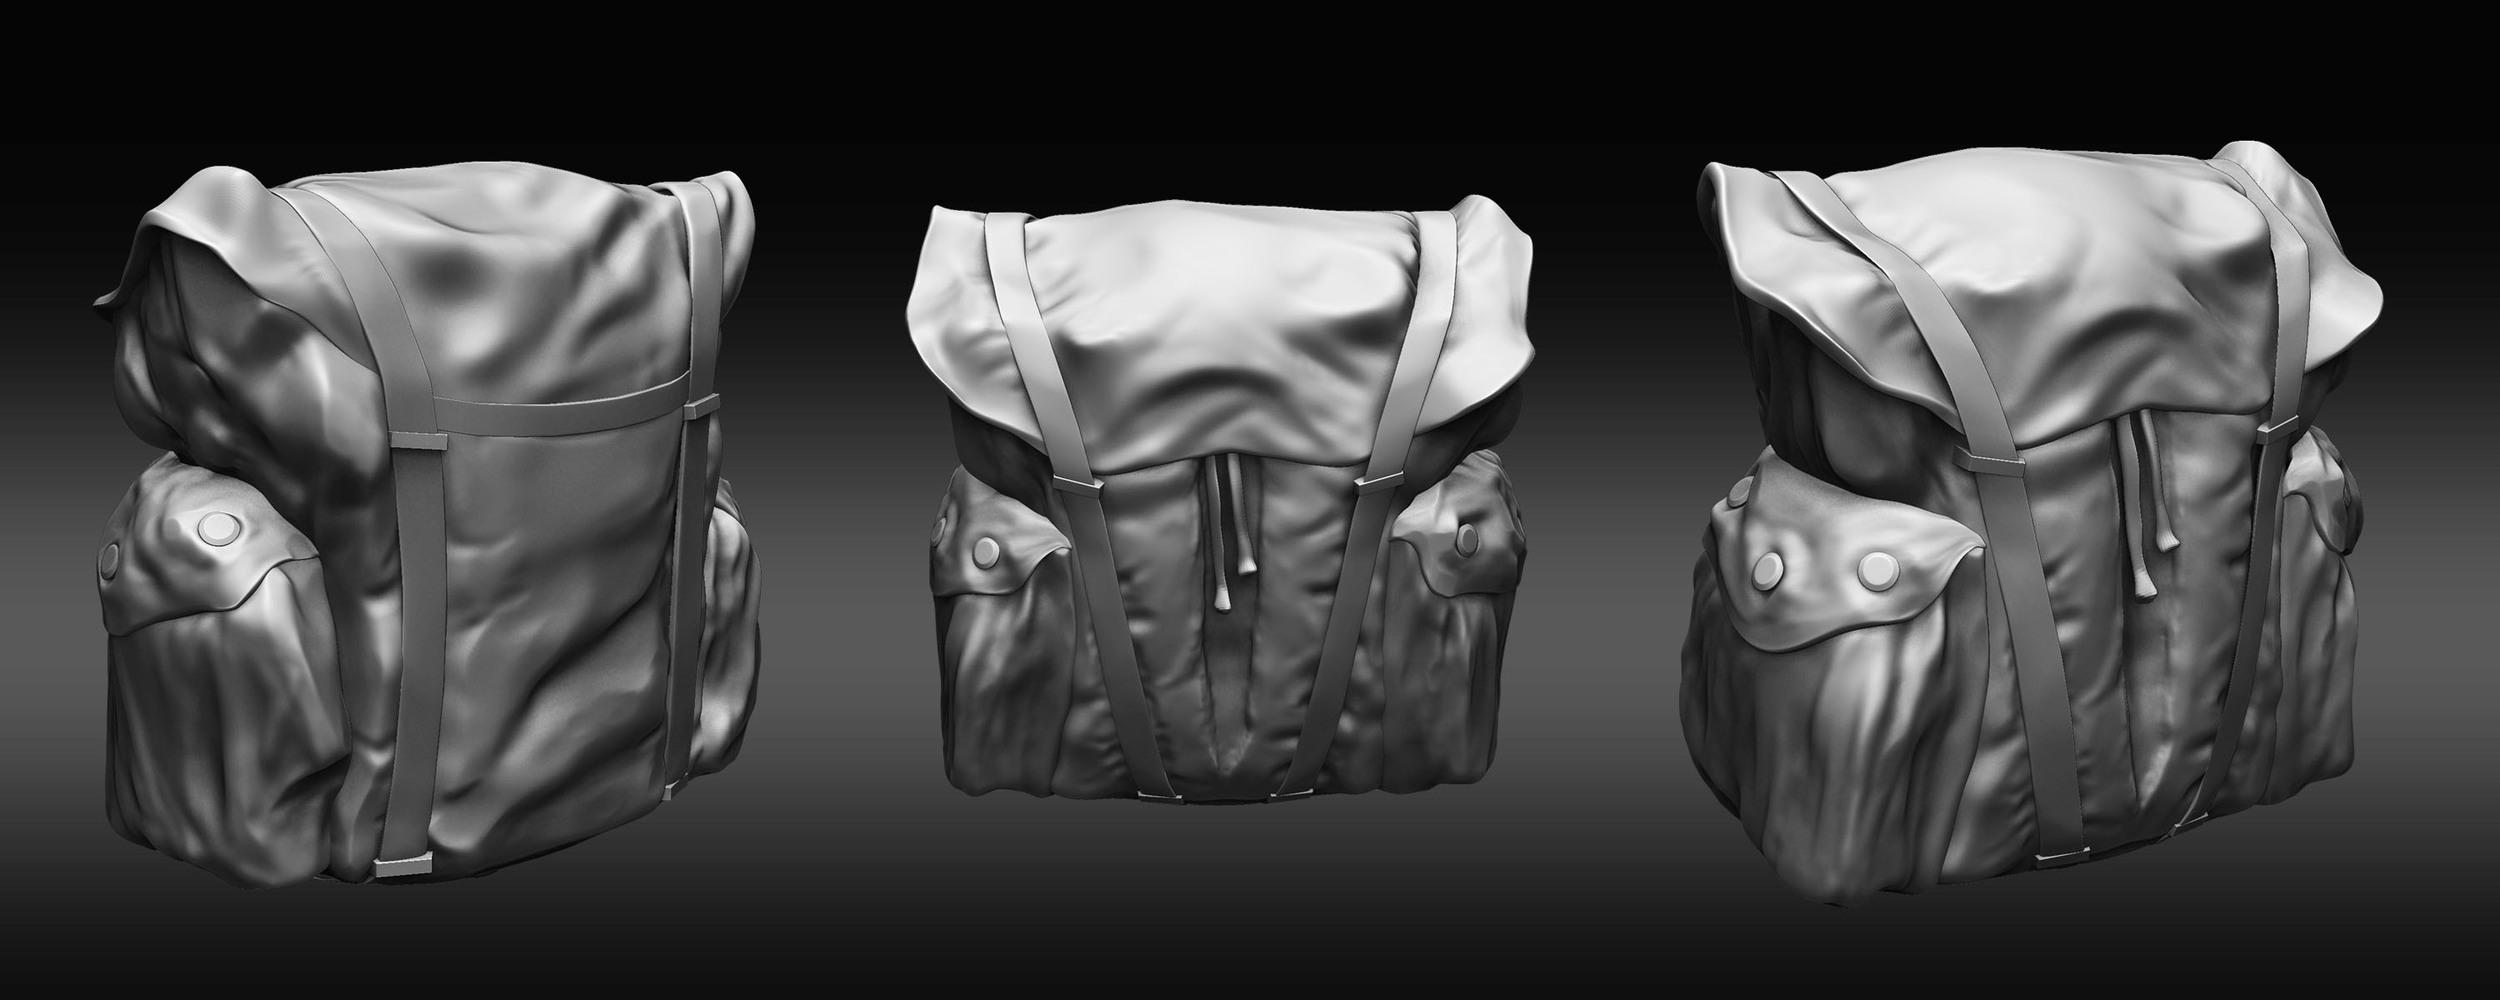 Bag_ZbrushSculpt.jpg